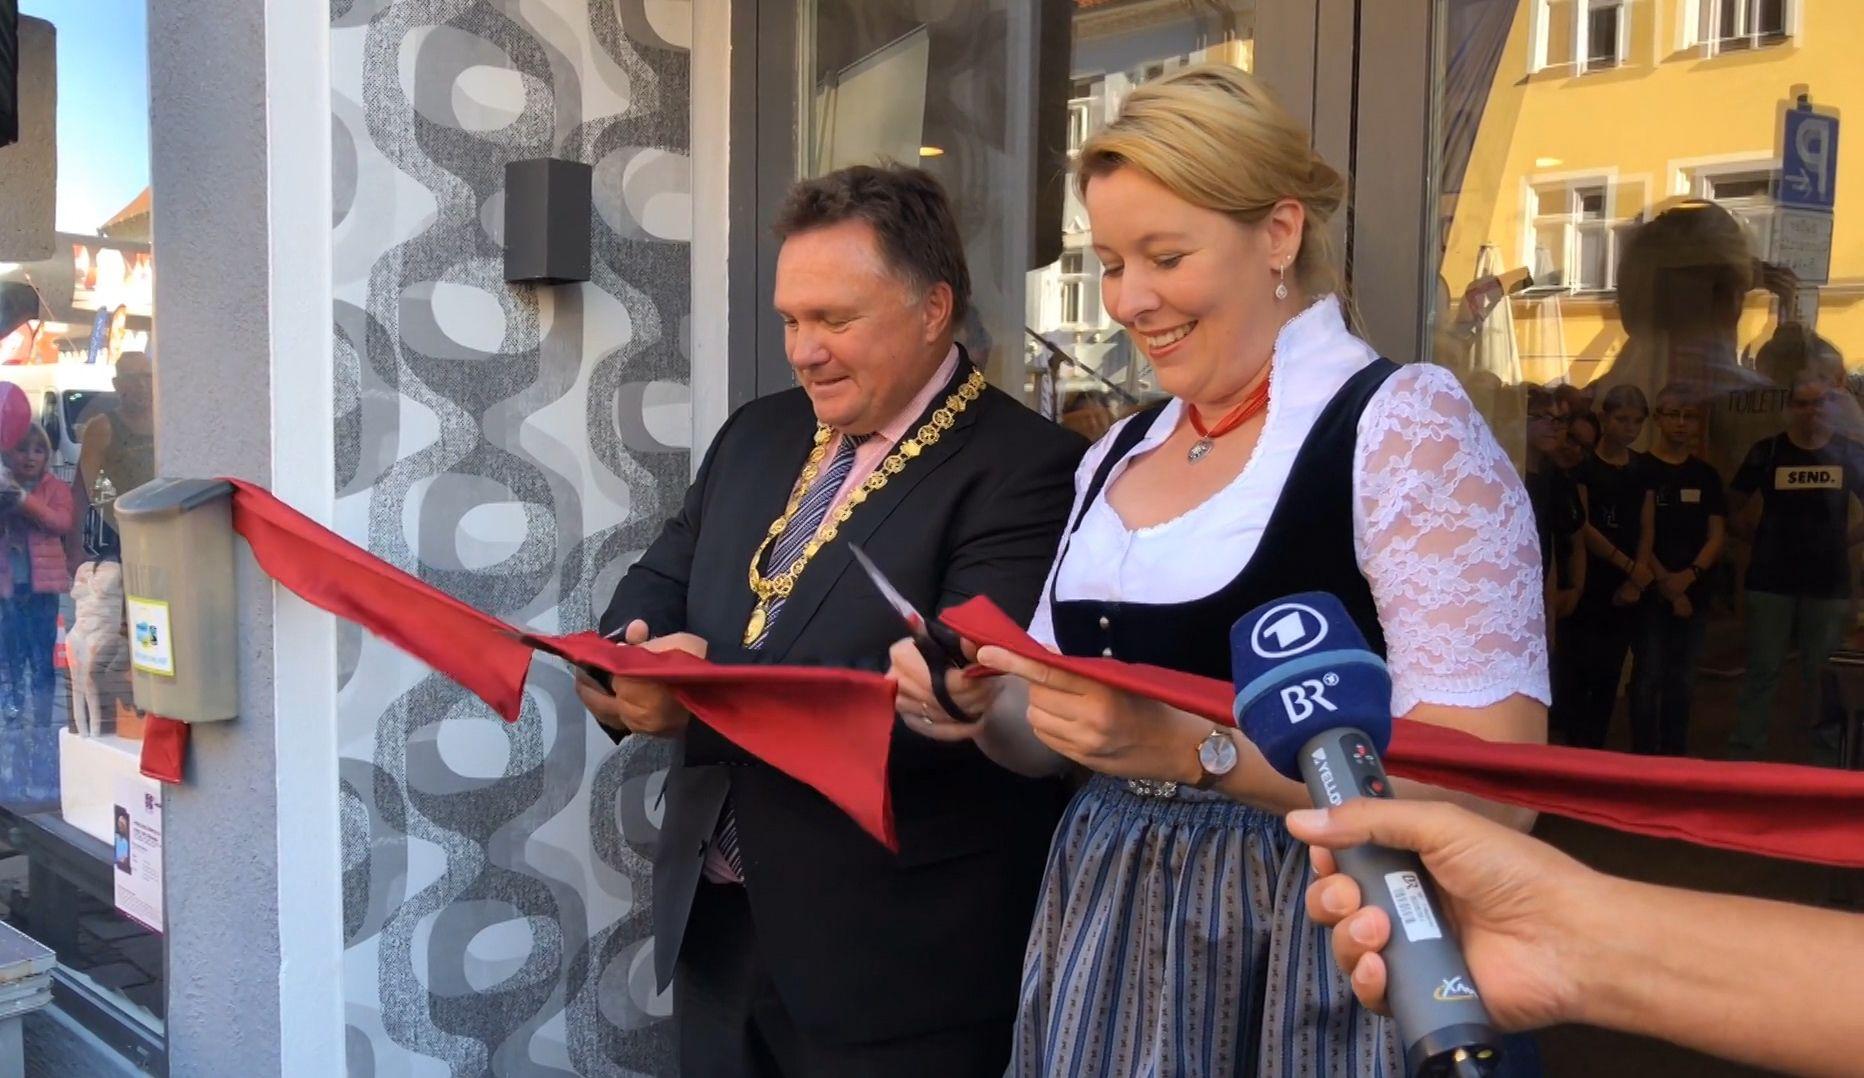 """Stefan Bosse (CSU), Oberbürgermeister von Kaufbeuren, und Franziska Giffey (SPD), Bundesfamilienministerin vor dem """"Haus der Demokratie"""" in Kaufbeuren"""